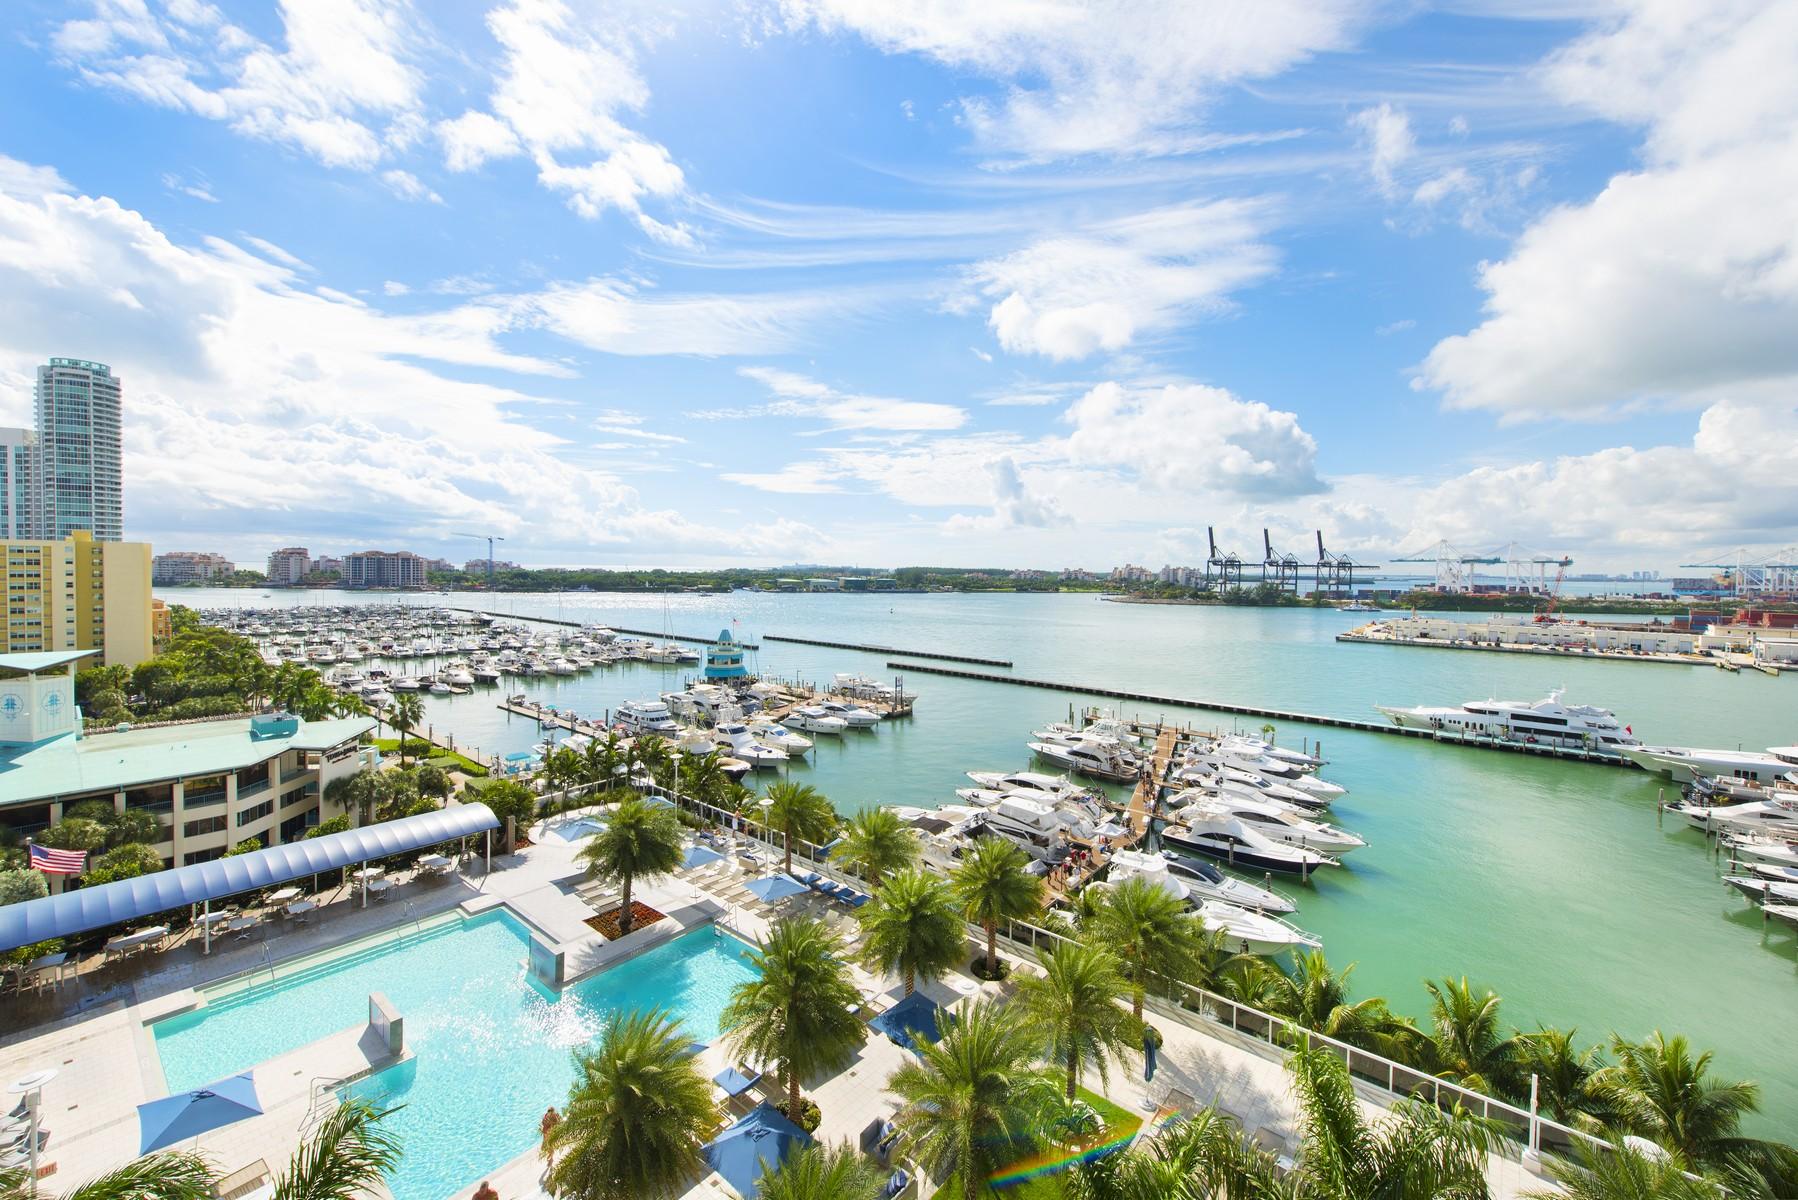 Кооперативная квартира для того Продажа на 400 Alton Rd #1106 Miami Beach, Флорида 33139 Соединенные Штаты